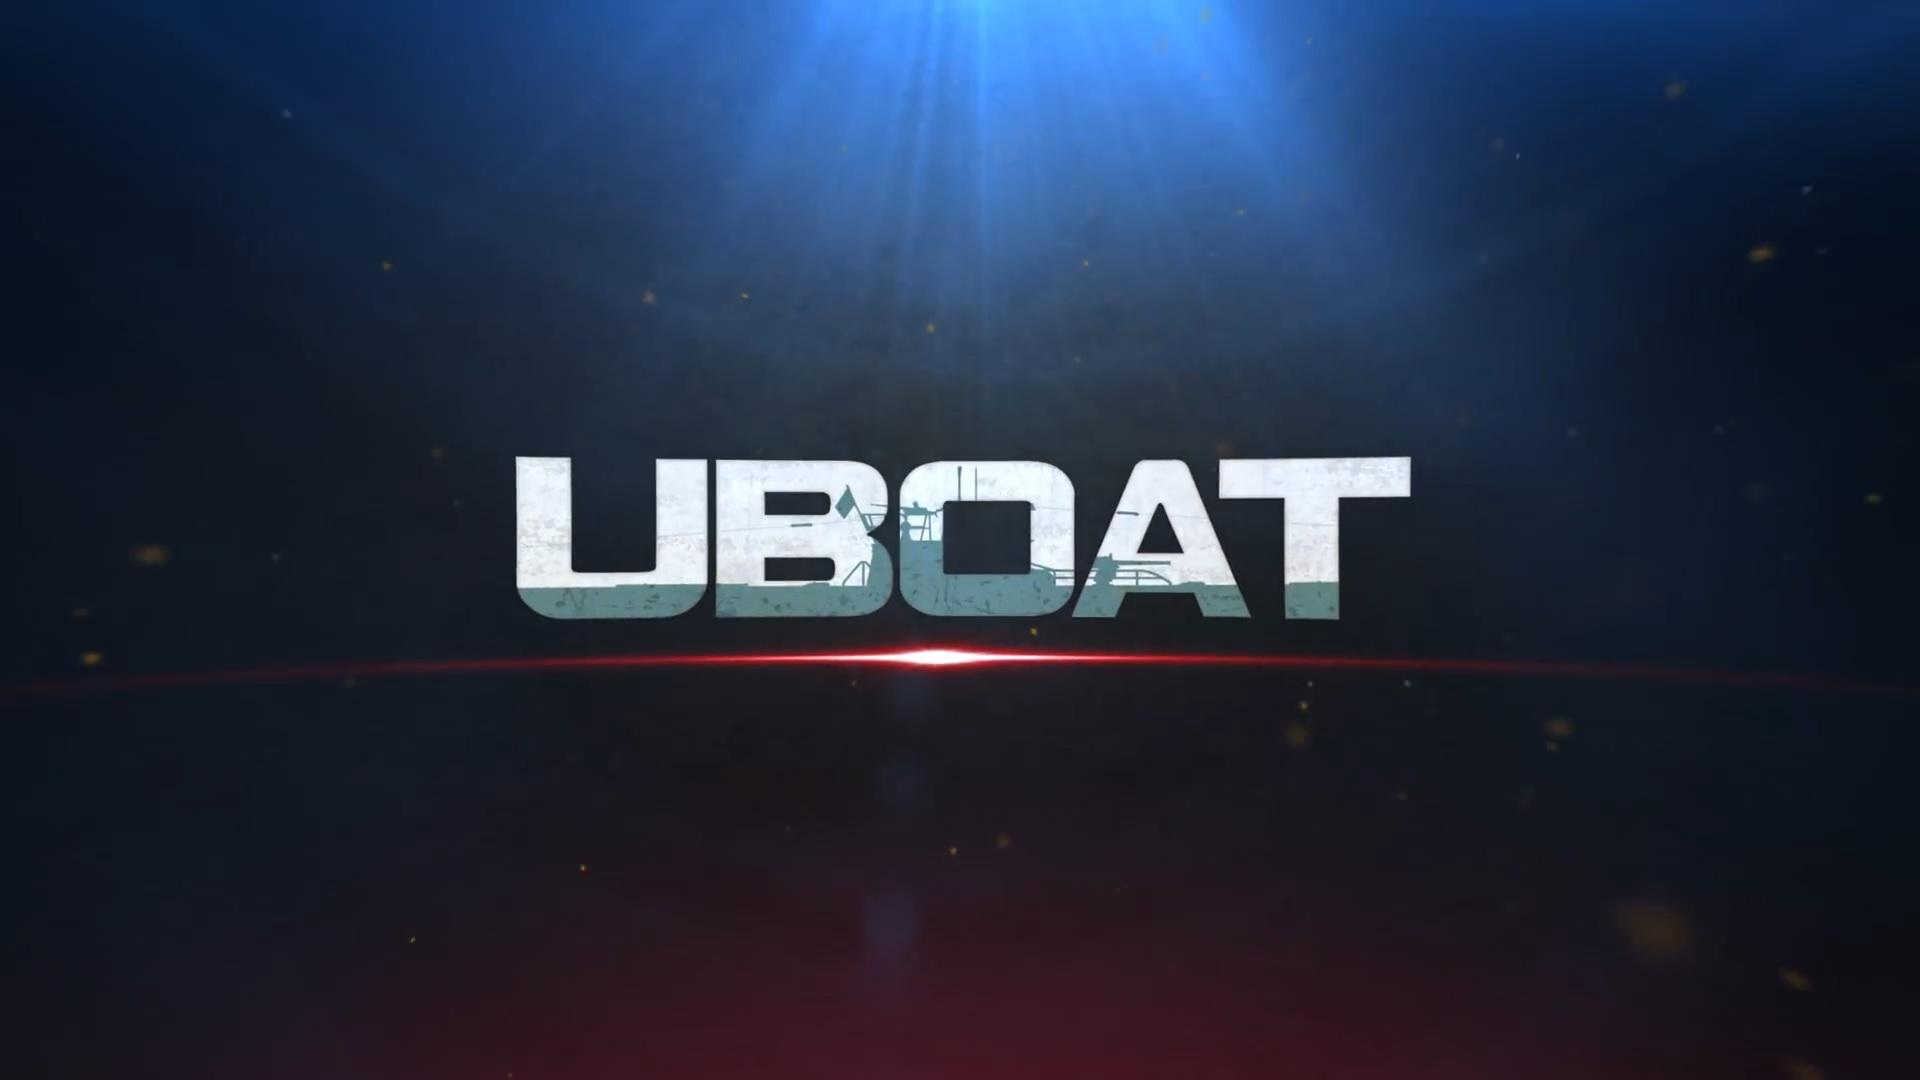 Чит-коды (консольные команды) на деньги, репутацию и опыт для UBOAT